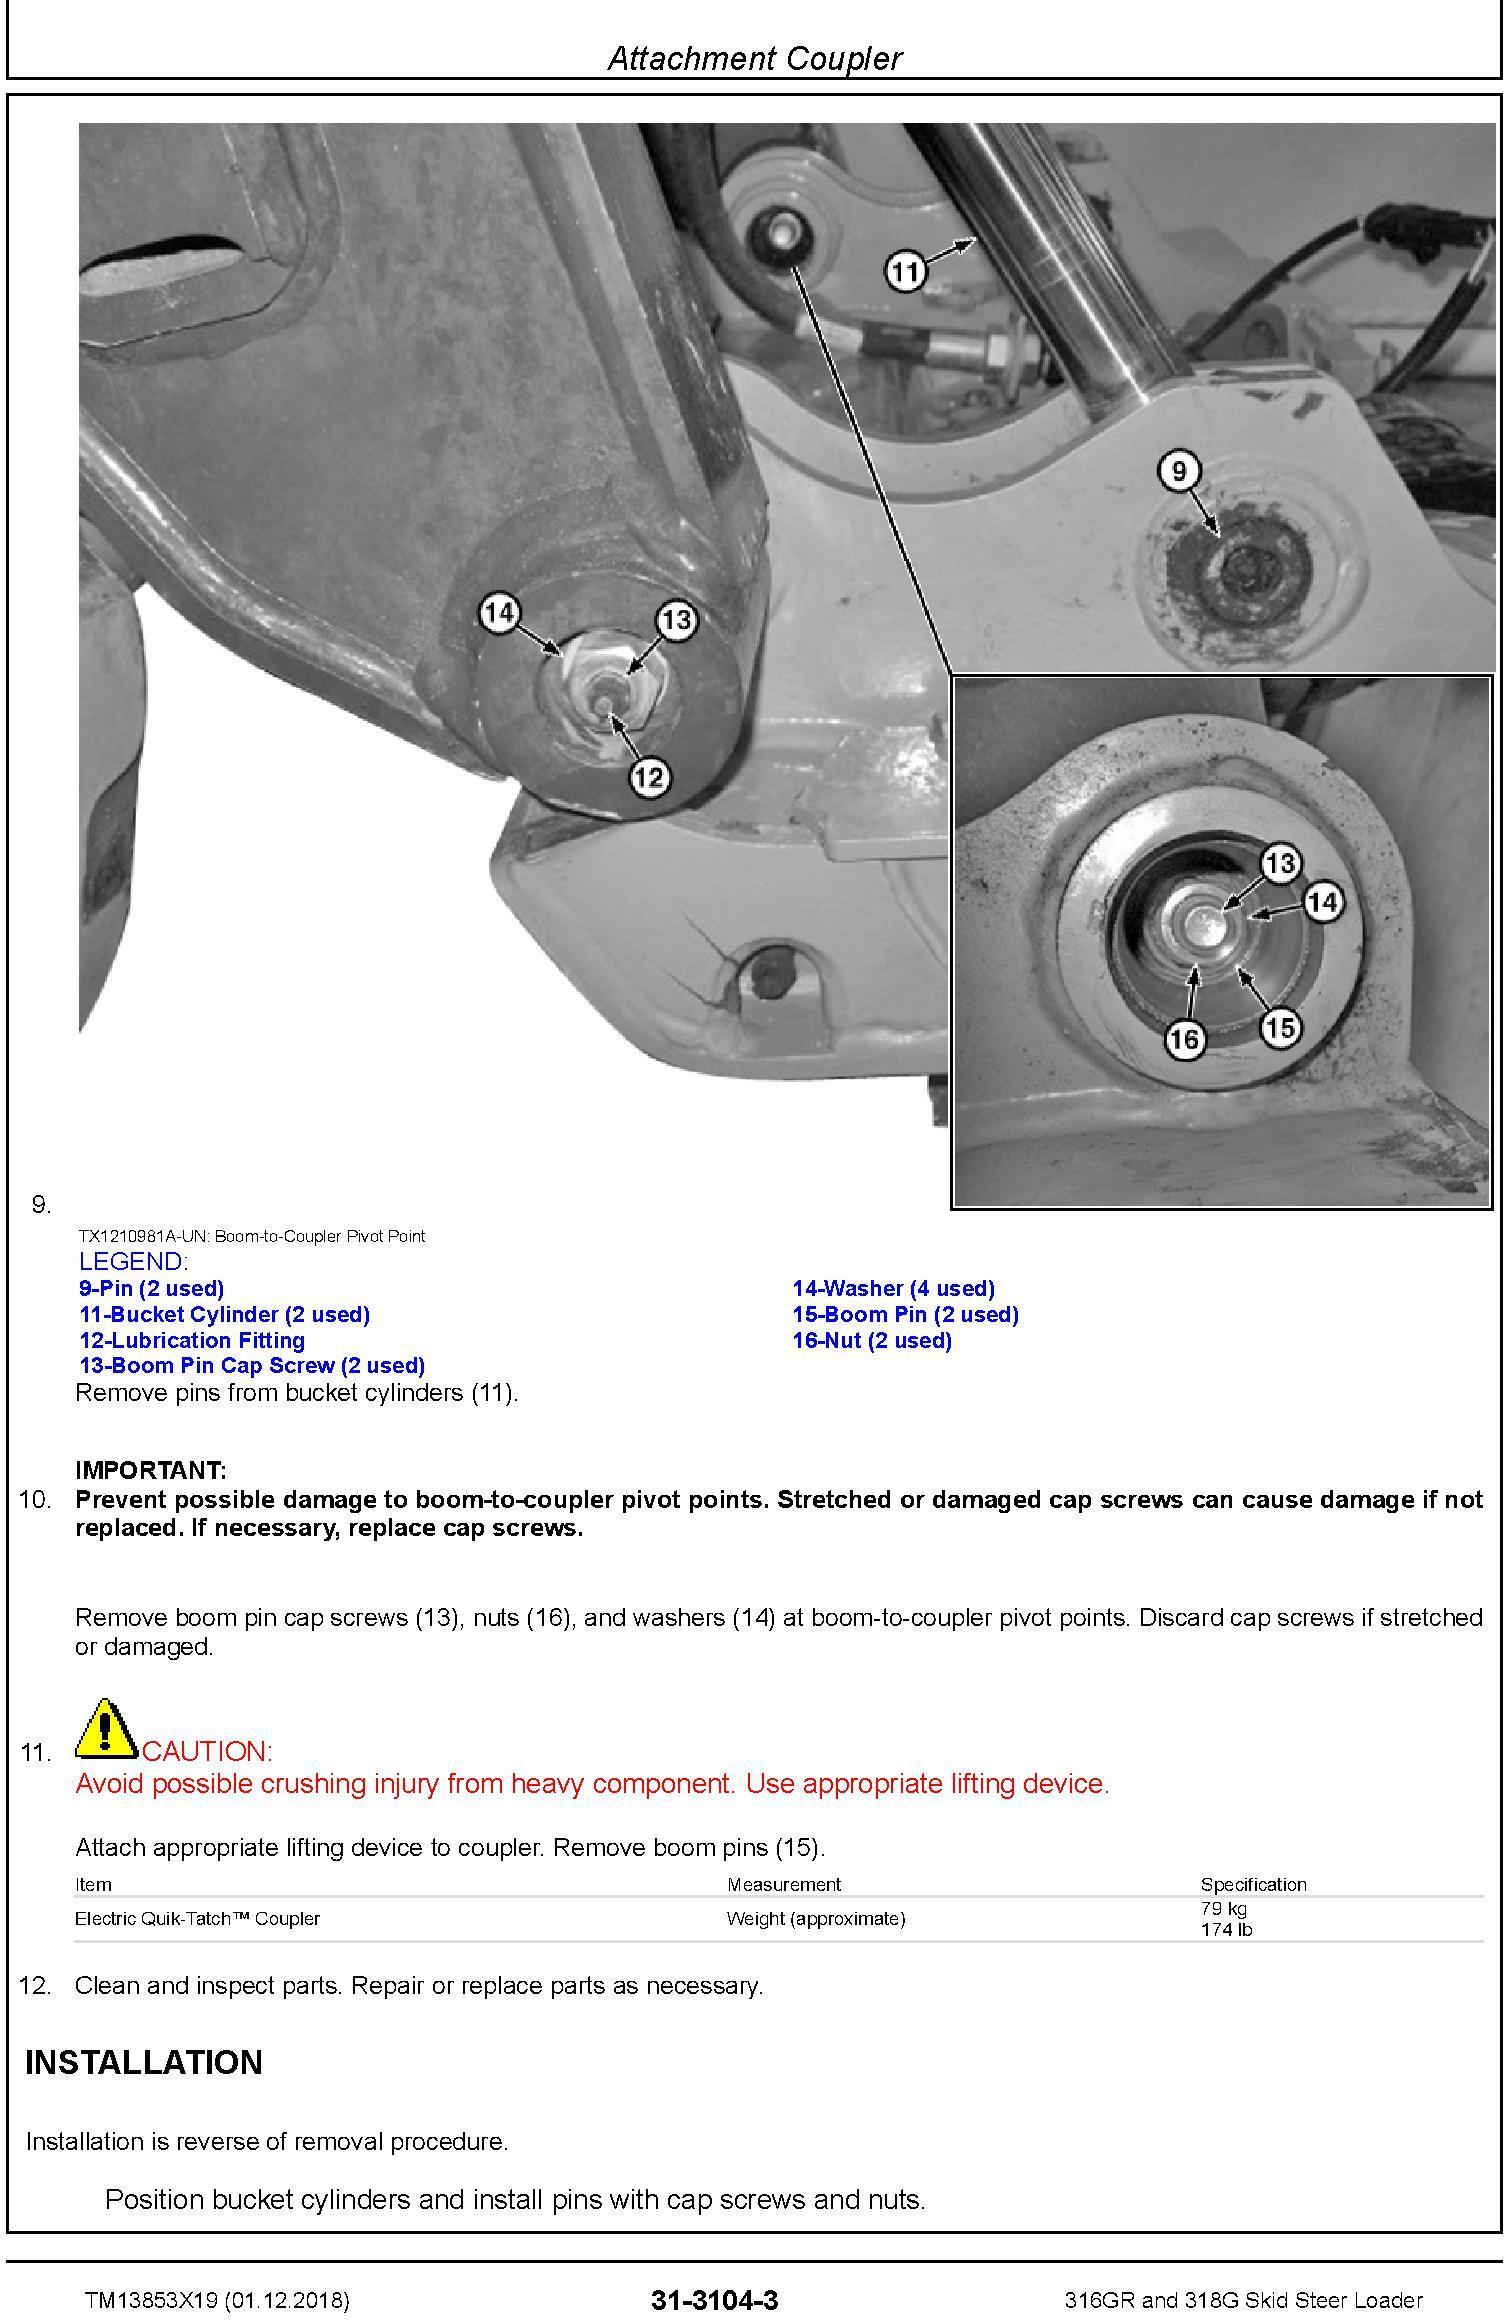 John Deere 316GR and 318G Skid Steer Loader Service Repair Manual (TM13853X19) - 2